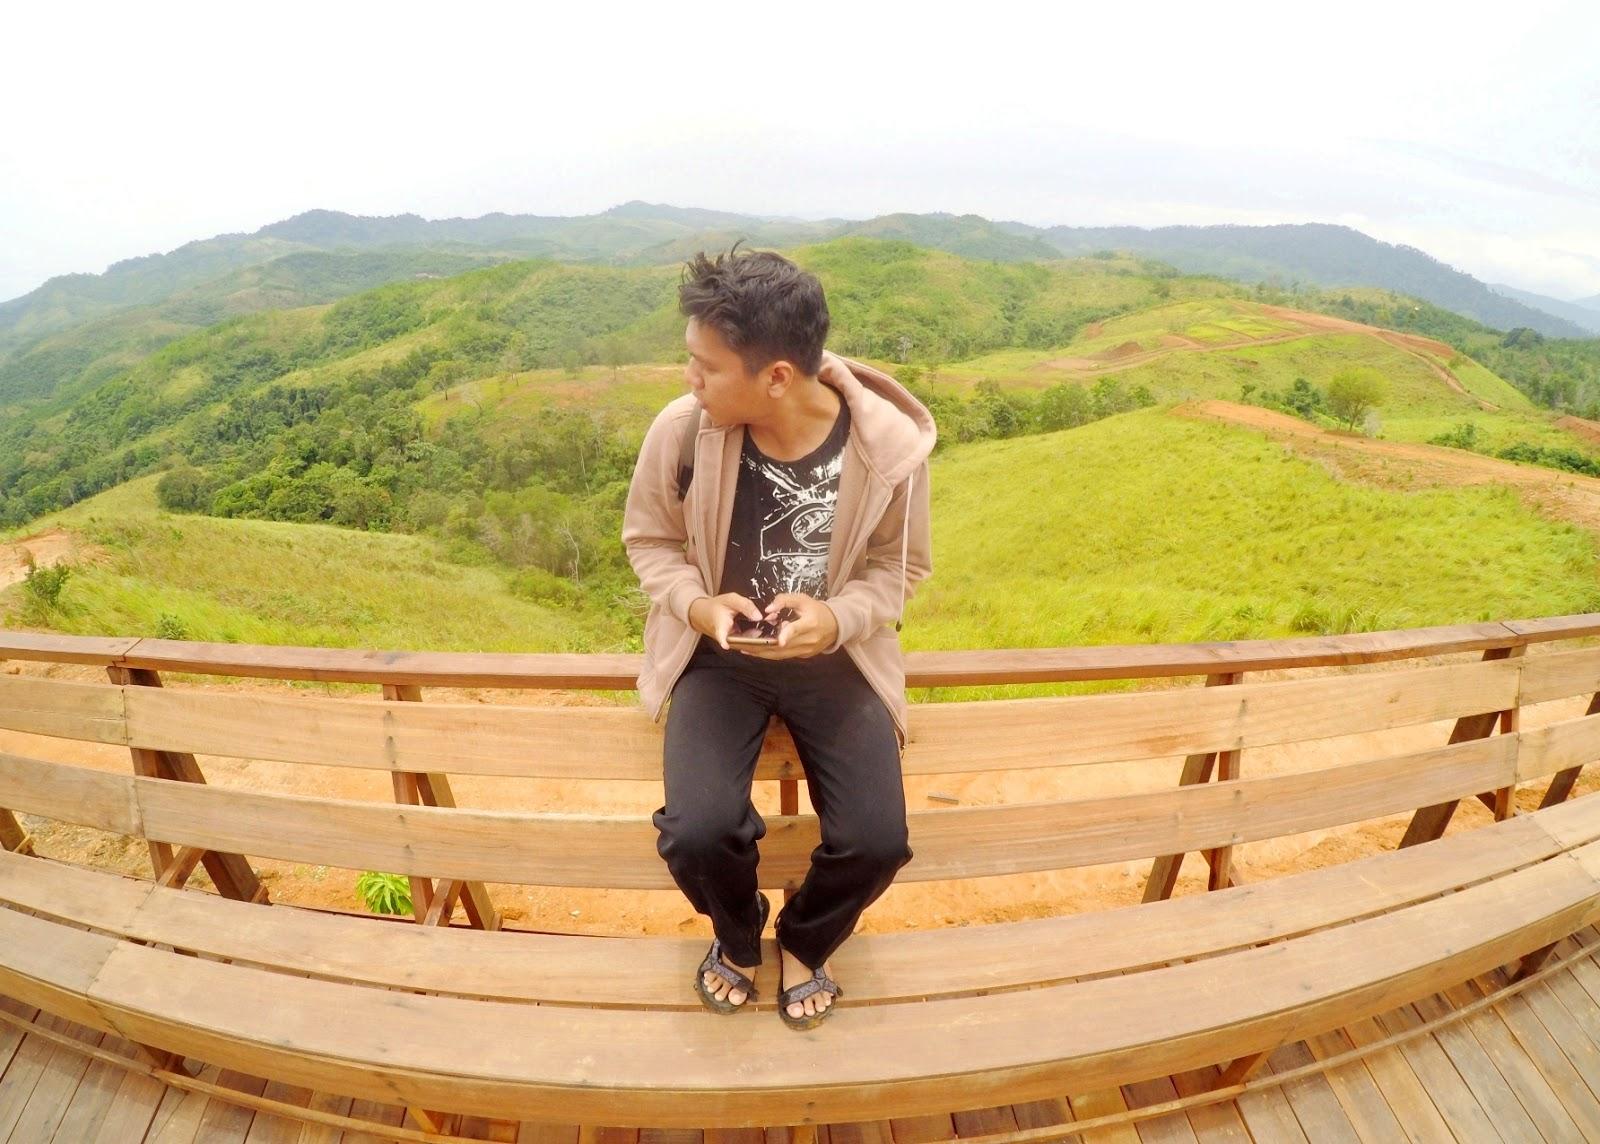 pada gunung mawar nampak jelas terlihat pemandangan bukit yang siap memanjakan mata wisatawan berkunjung begitu juga dengan saat